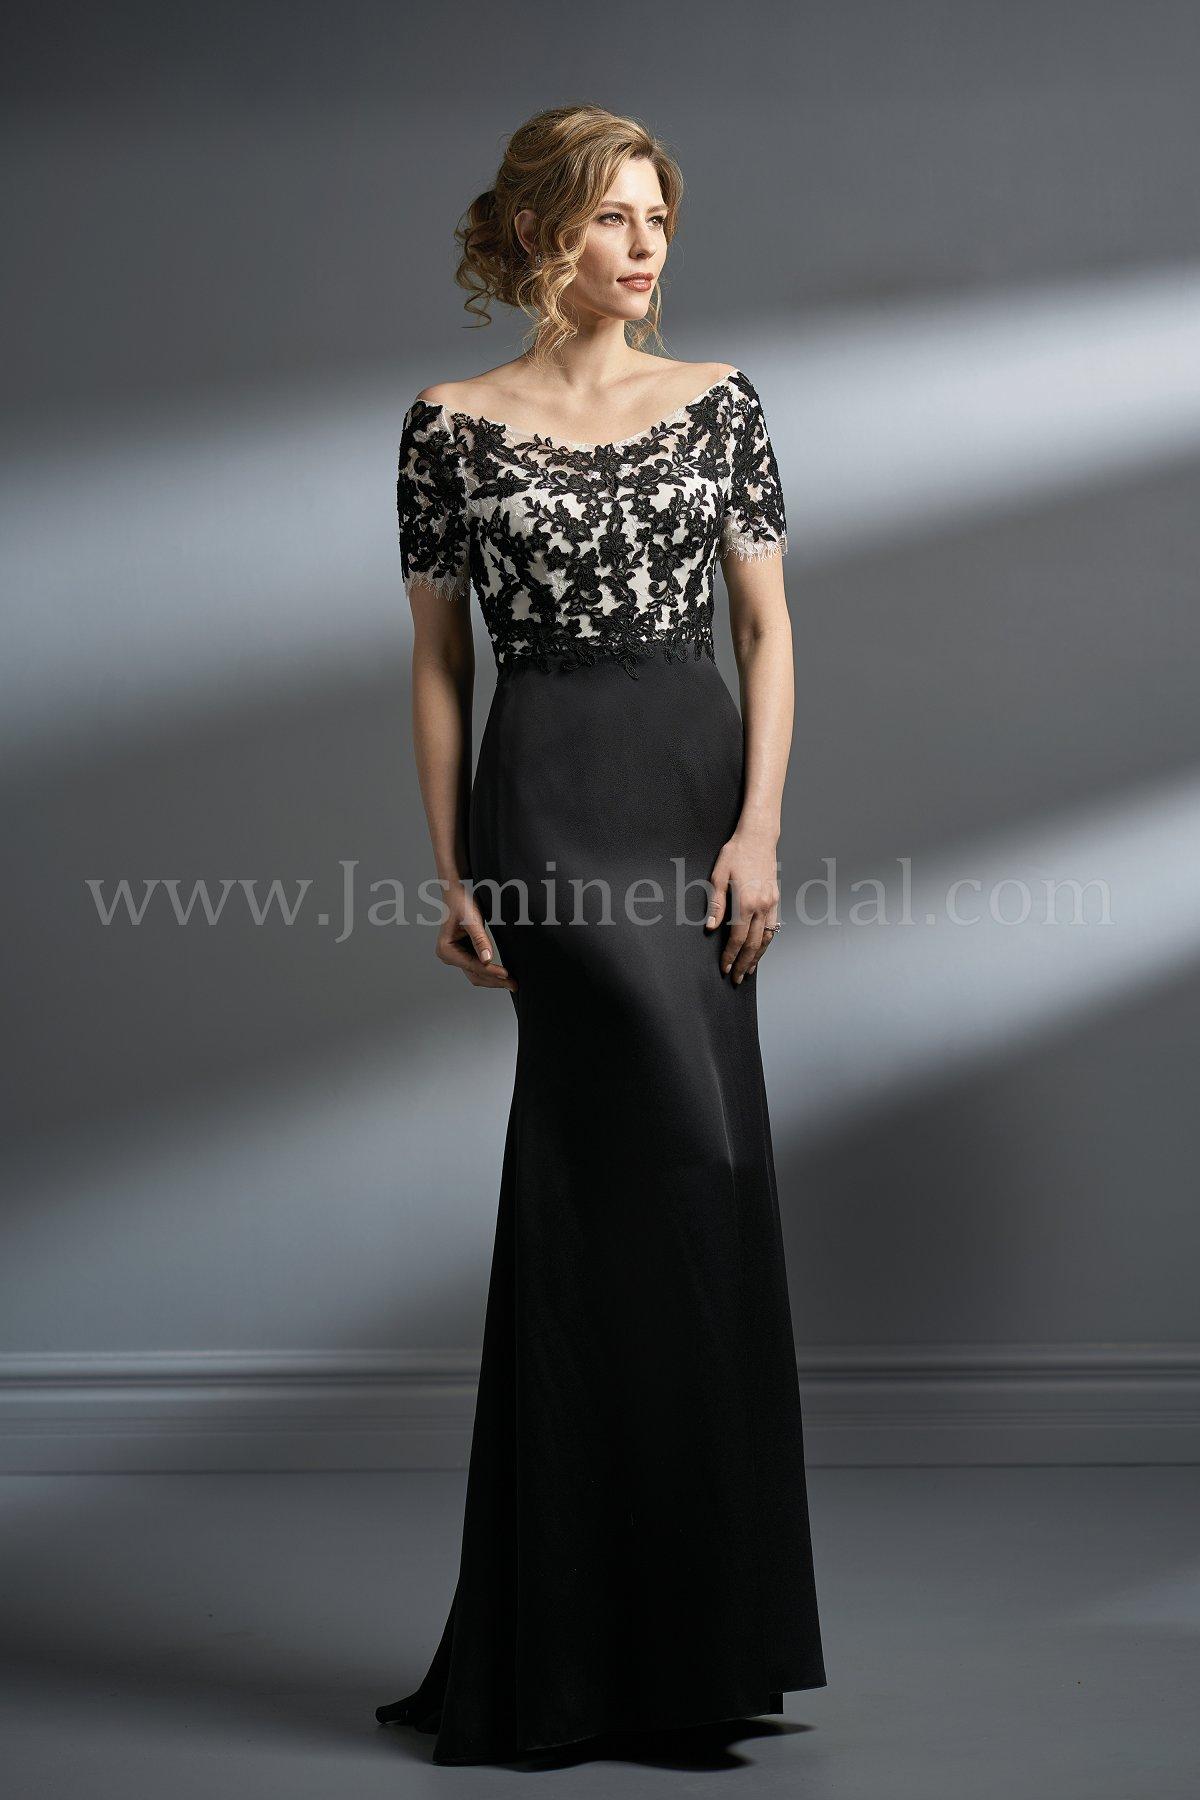 K198051 Long Portrait Neckline Lace Amp Crepe Mob Dress With